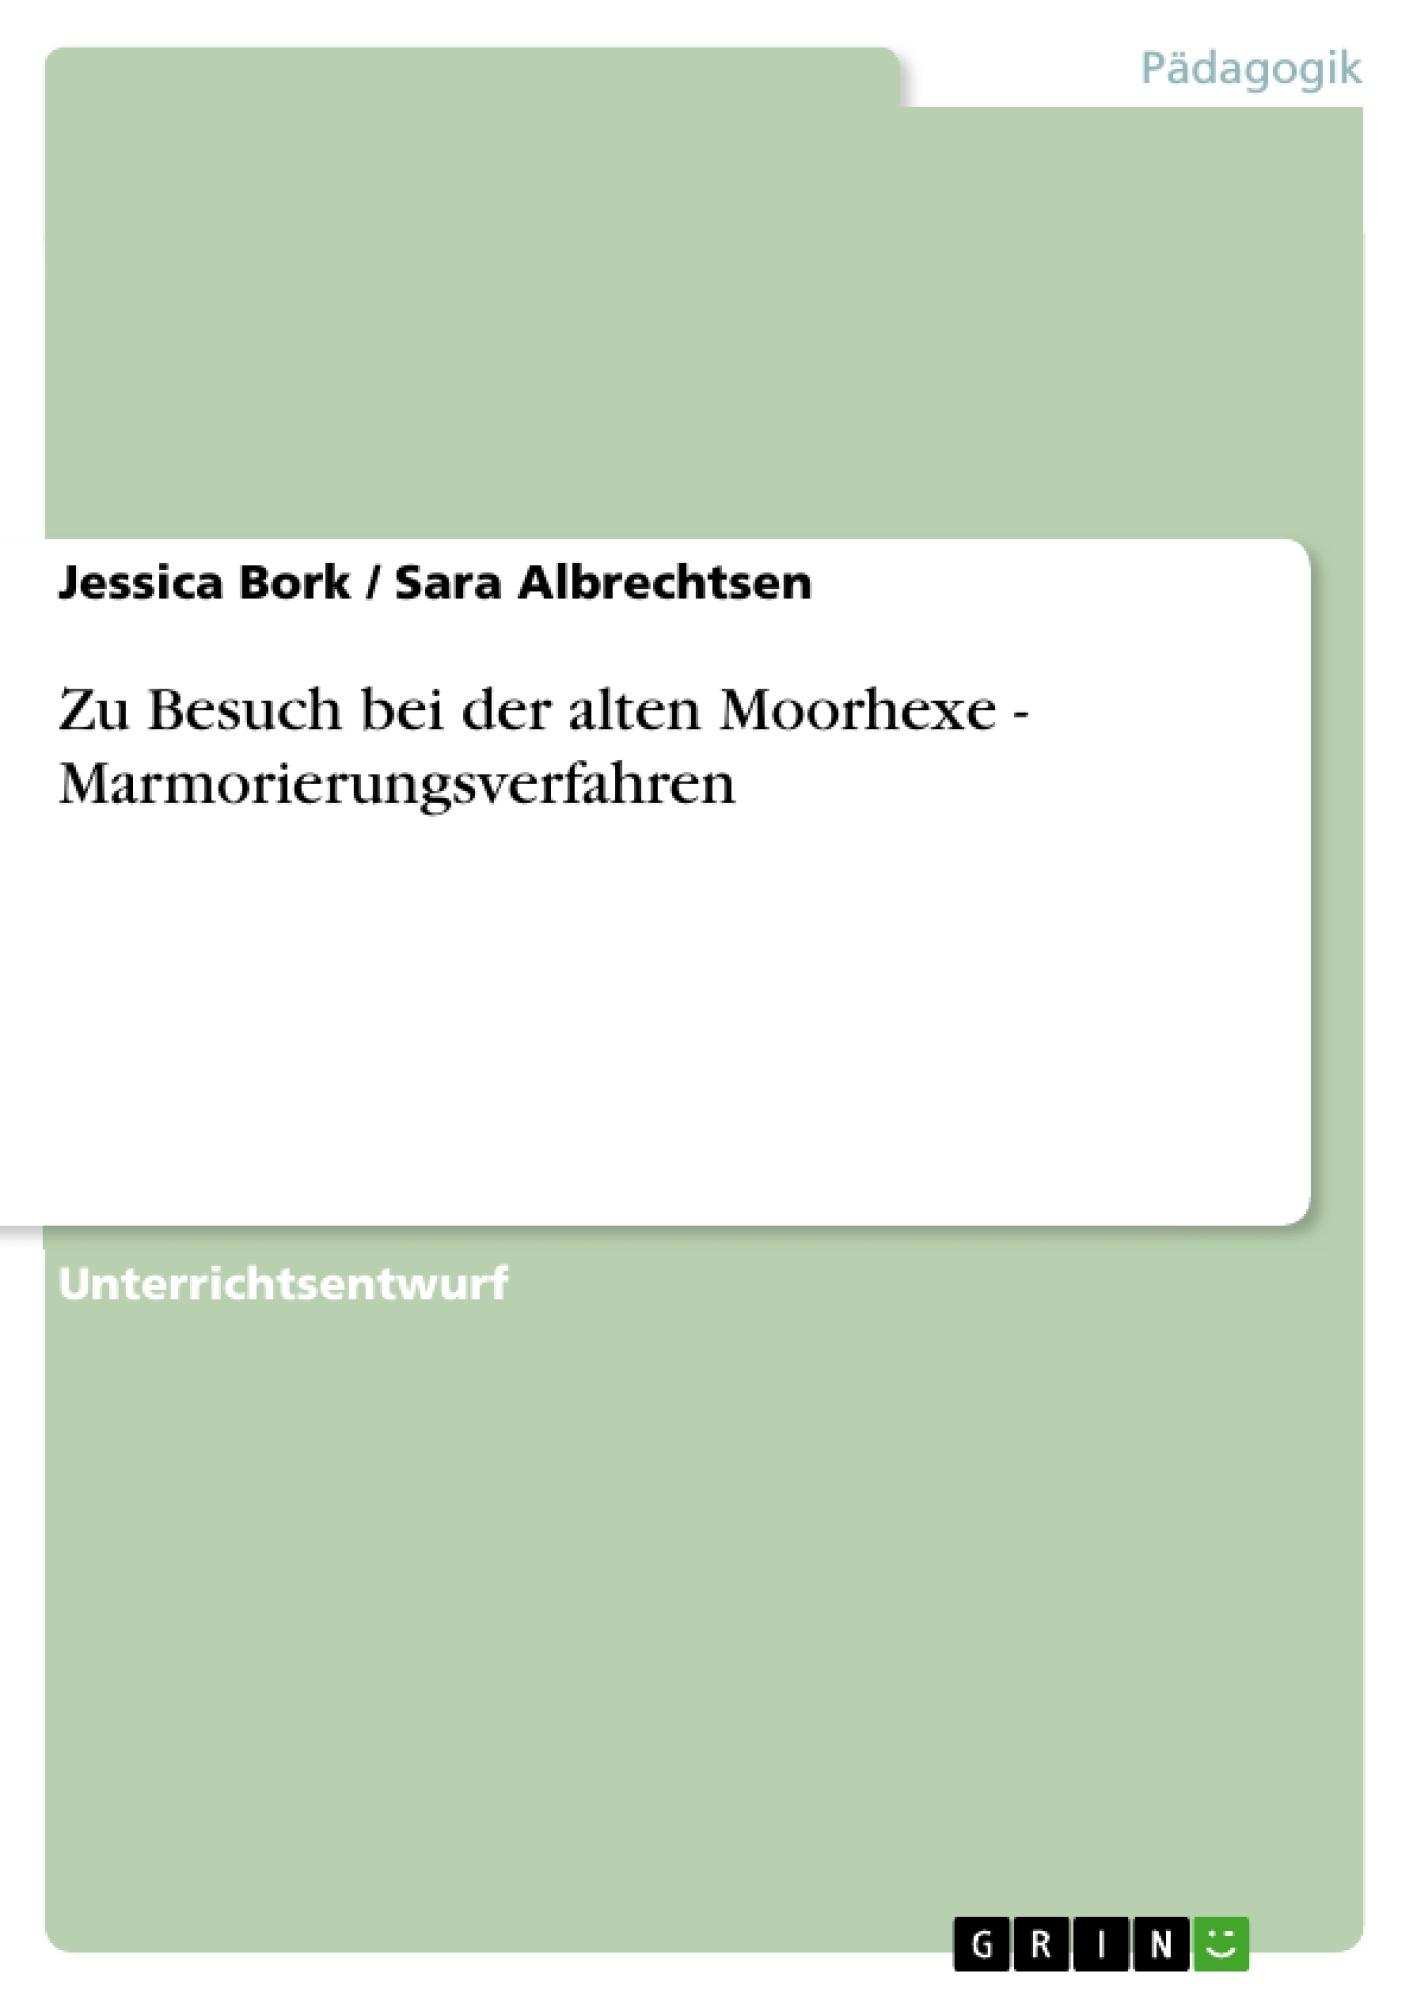 Titel: Zu Besuch bei der alten Moorhexe - Marmorierungsverfahren